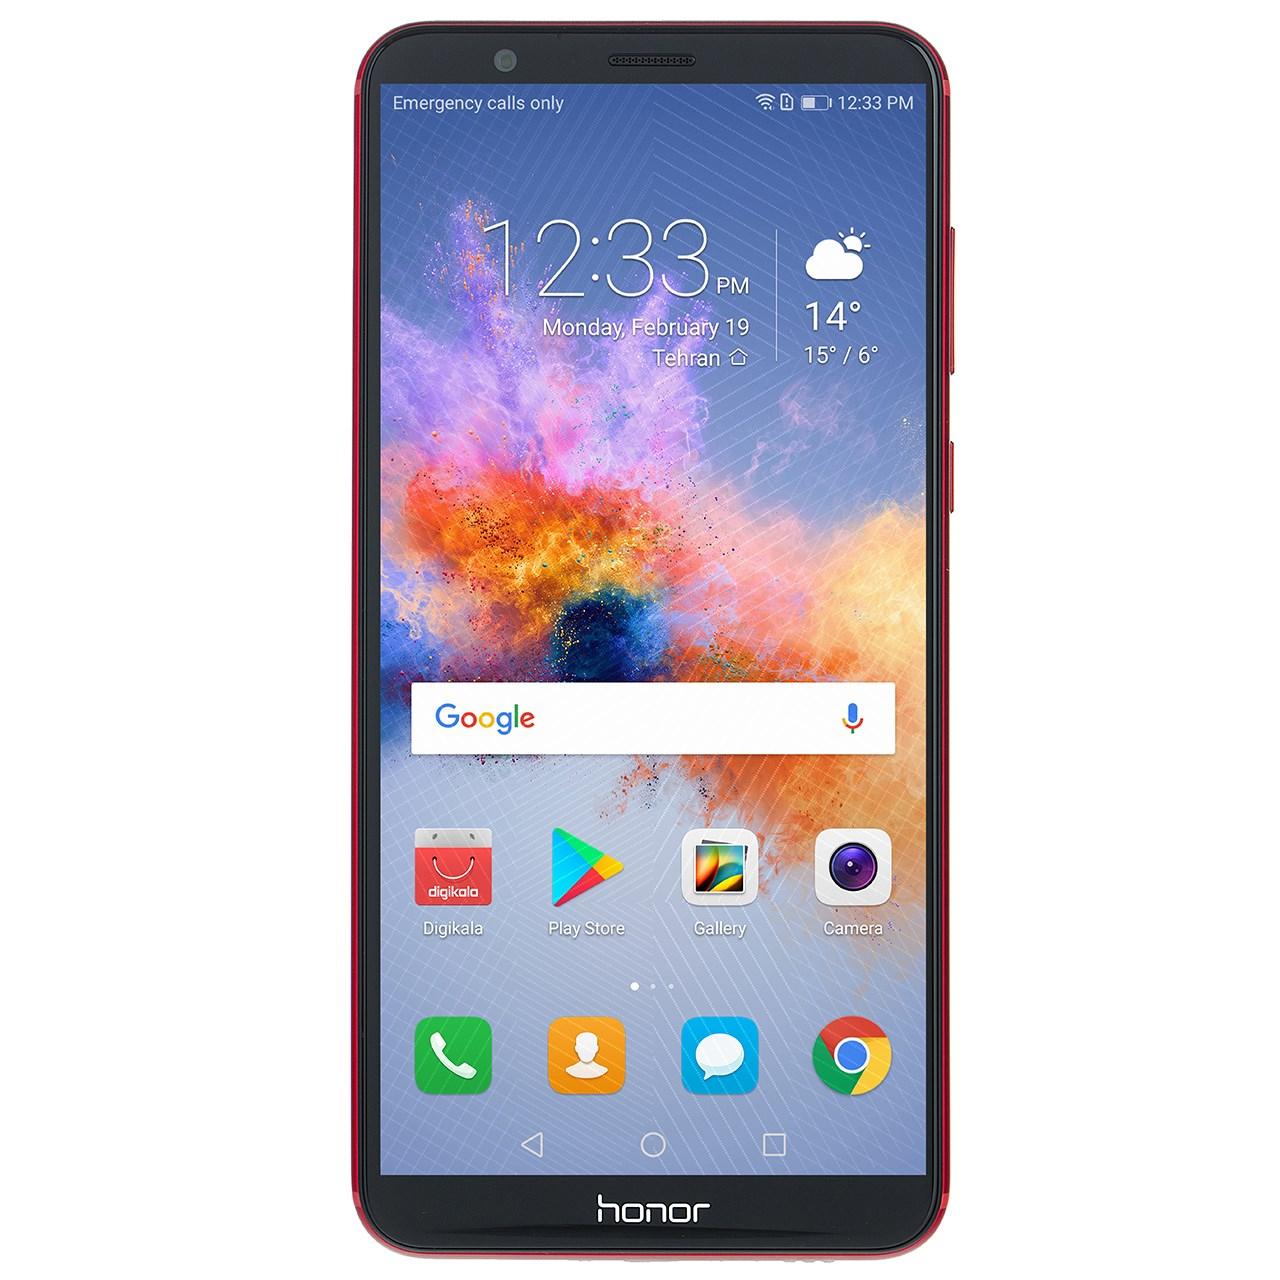 گوشی موبایل هوآوی مدل Honor 7X BND-L21 قرمز دو سیمکارت